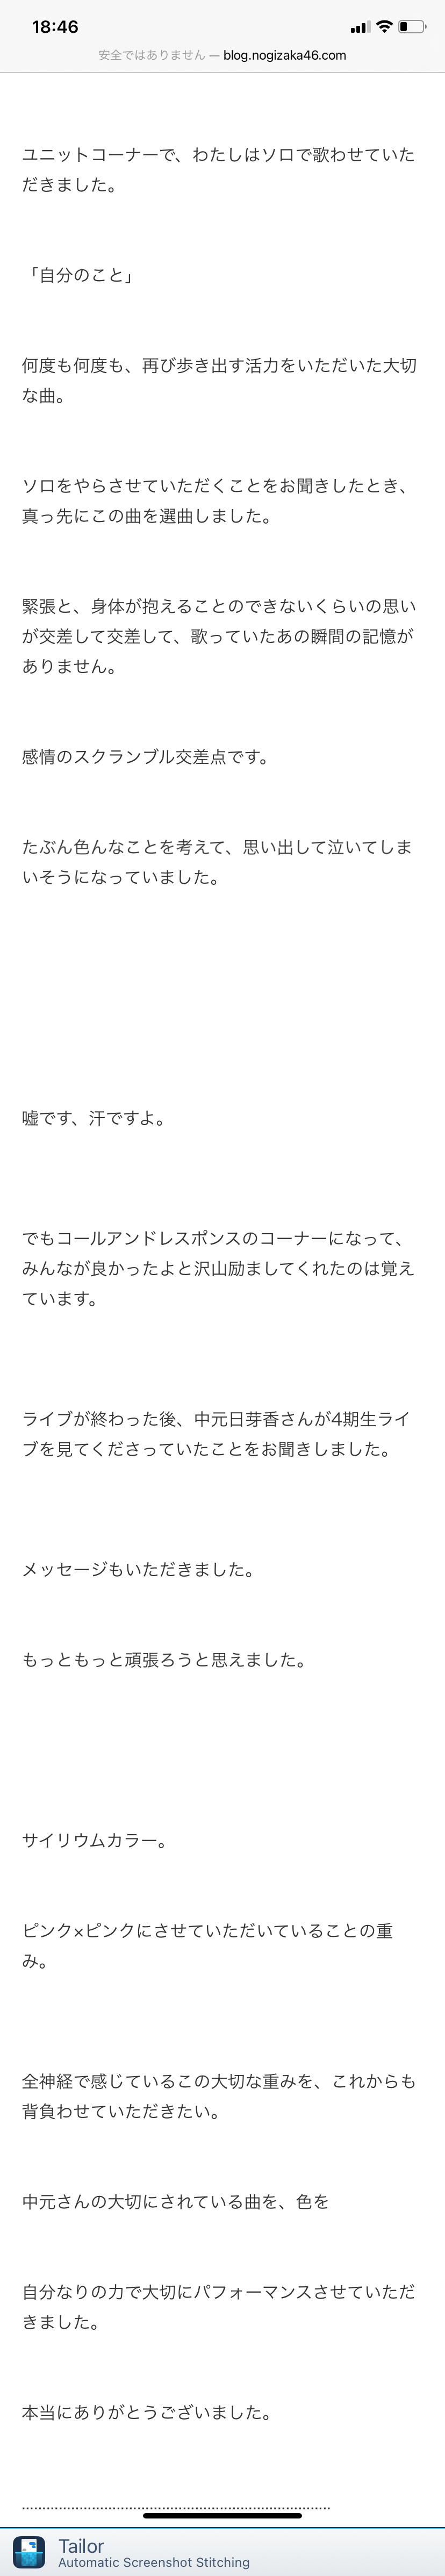 林瑠奈「中元日芽香さんが4期生ライブを見てくださっていたことをお聞きしました。メッセージもいただきました」